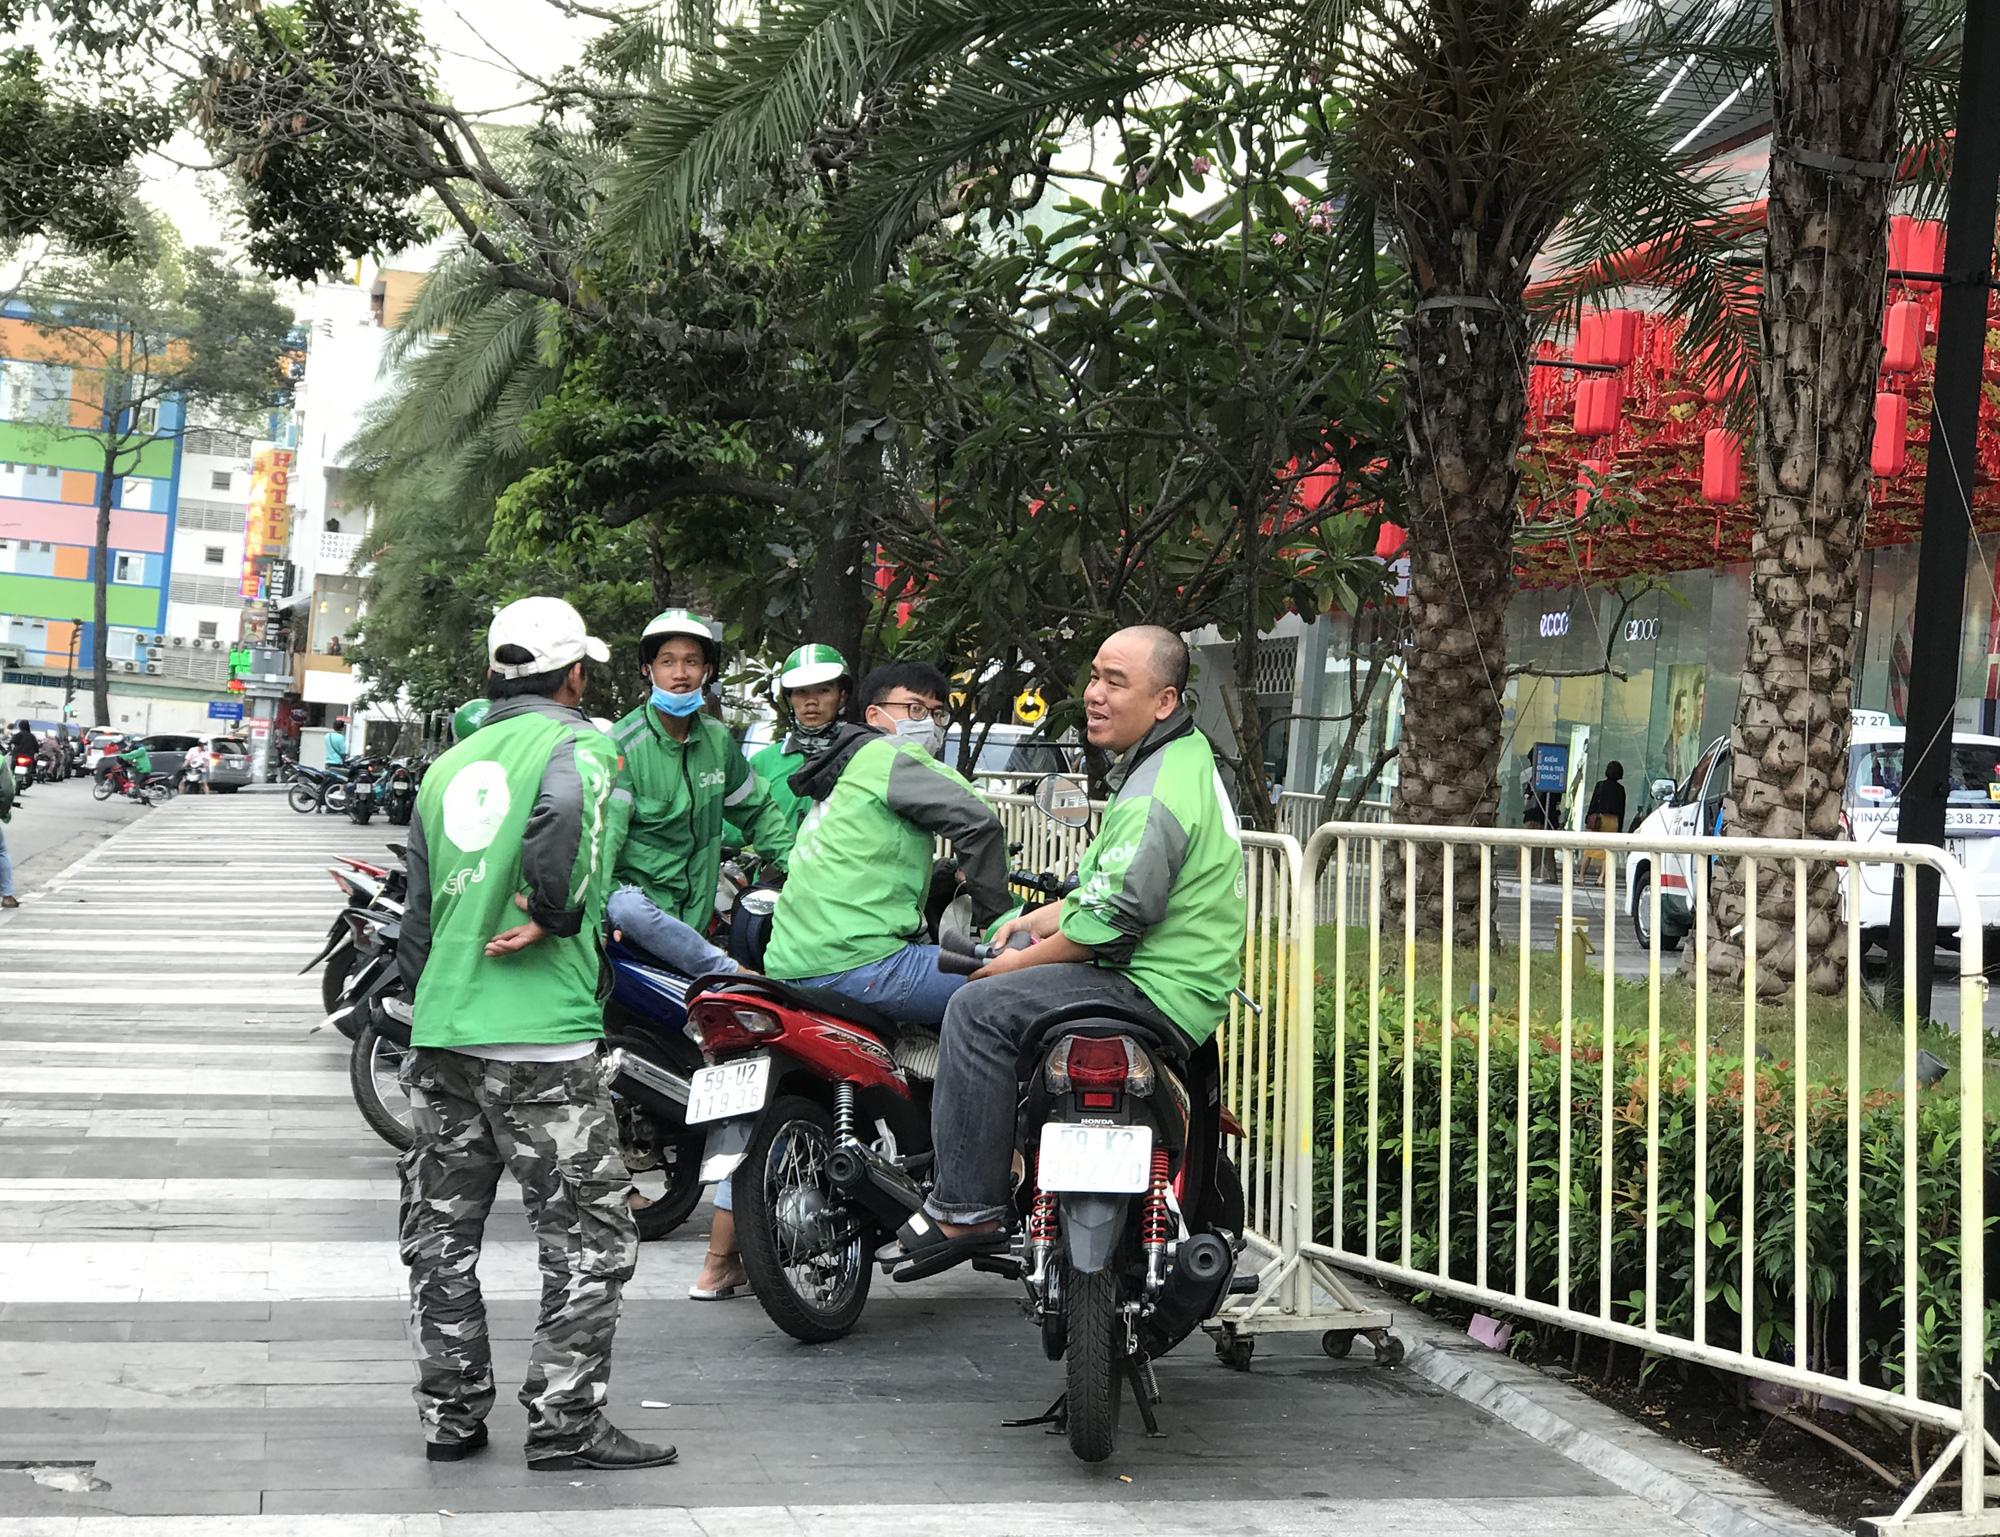 Hàng quán Sài Gòn còn ăn Tết, đóng cửa im ỉm, chưa khai trương dù đã bước qua mùng 7 - Ảnh 14.